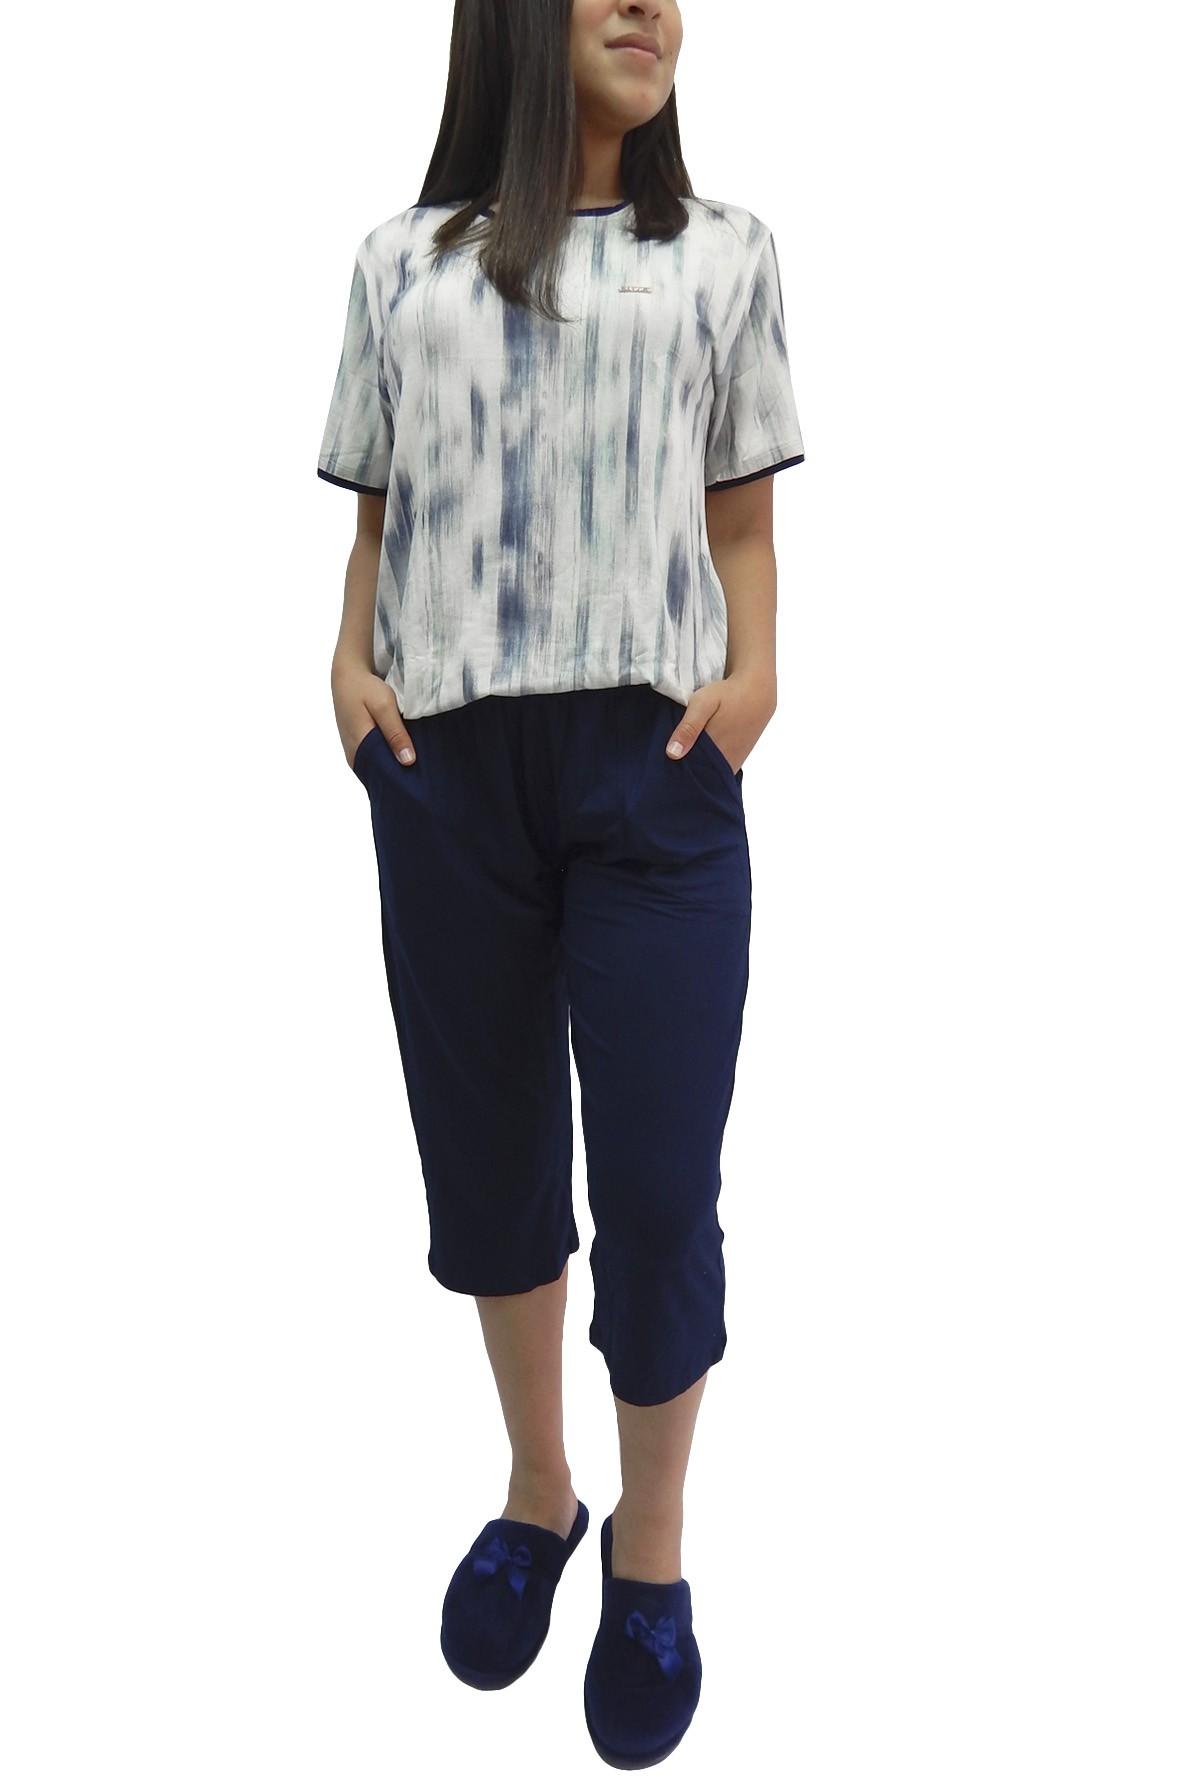 Pijama Capri Pescador Tecido em Visco Estampa Diferenciada - Foxx  263367